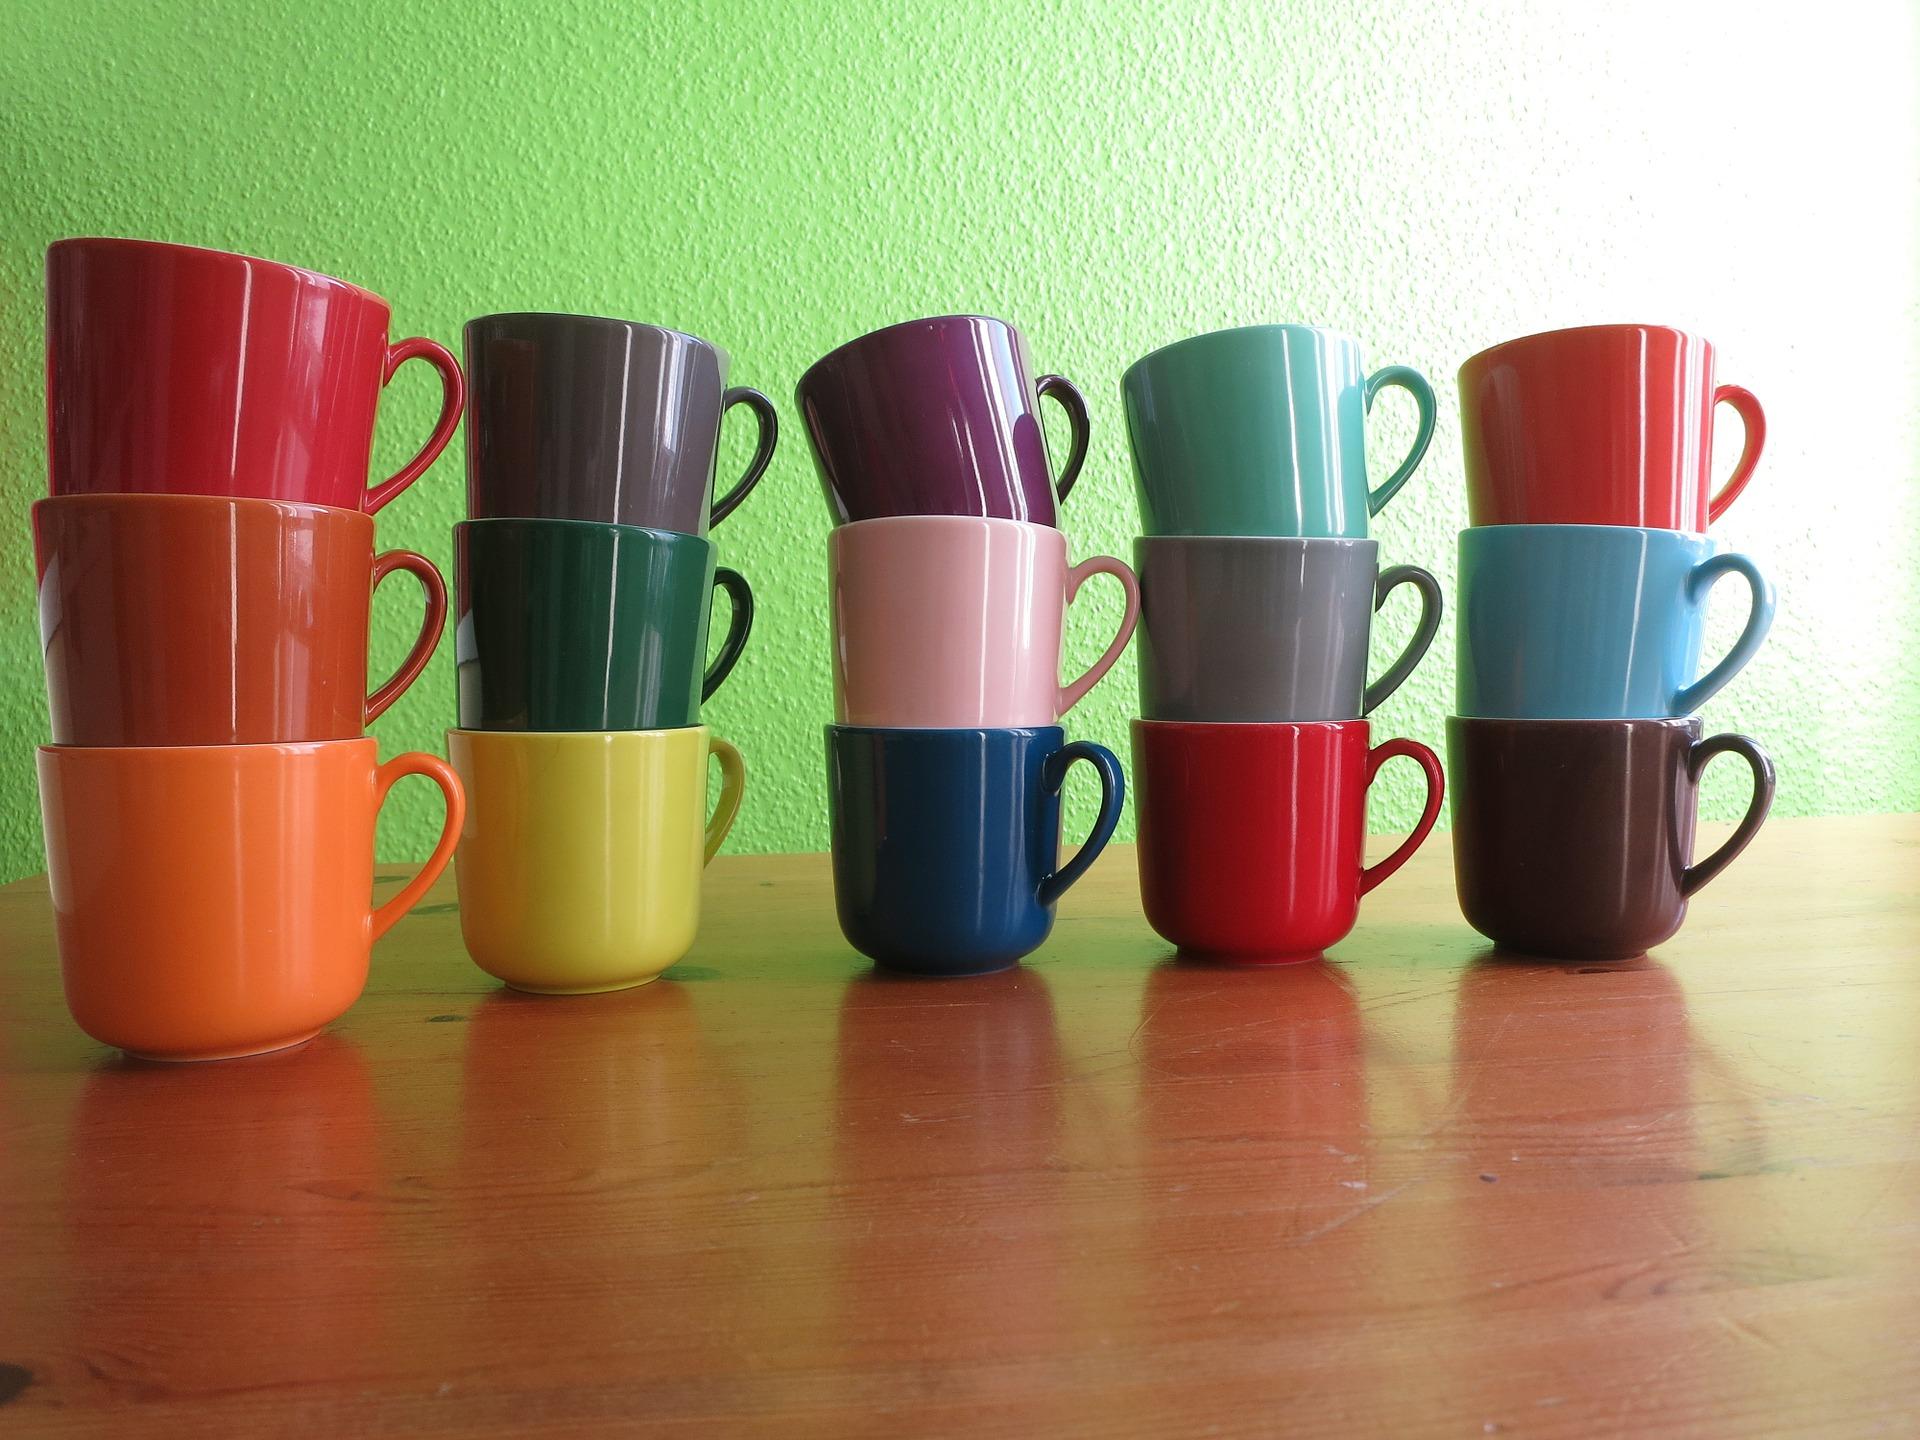 Design f 252 r fingern 228 gel ziehen sie die aufmerksamkeit auf ihre - Design F 252 R Fingern 228 Gel Ziehen Sie Die Aufmerksamkeit Auf Ihre 9